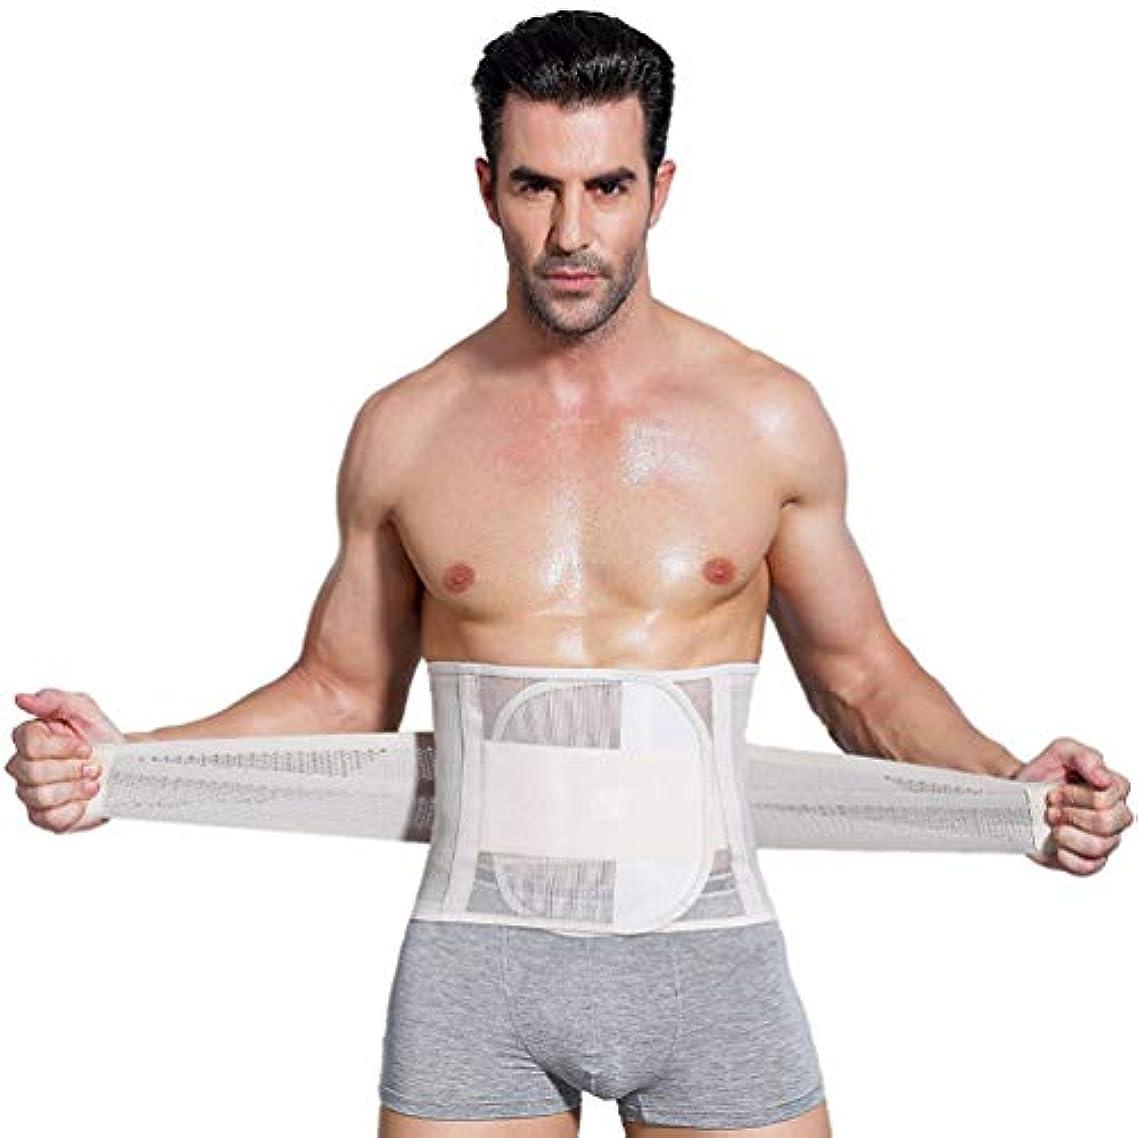 アボート説得打ち上げる男性ボディシェイパーコルセット腹部おなかコントロールウエストトレーナーニッパー脂肪燃焼ガードル痩身腹ベルト用男性 - 肌色M